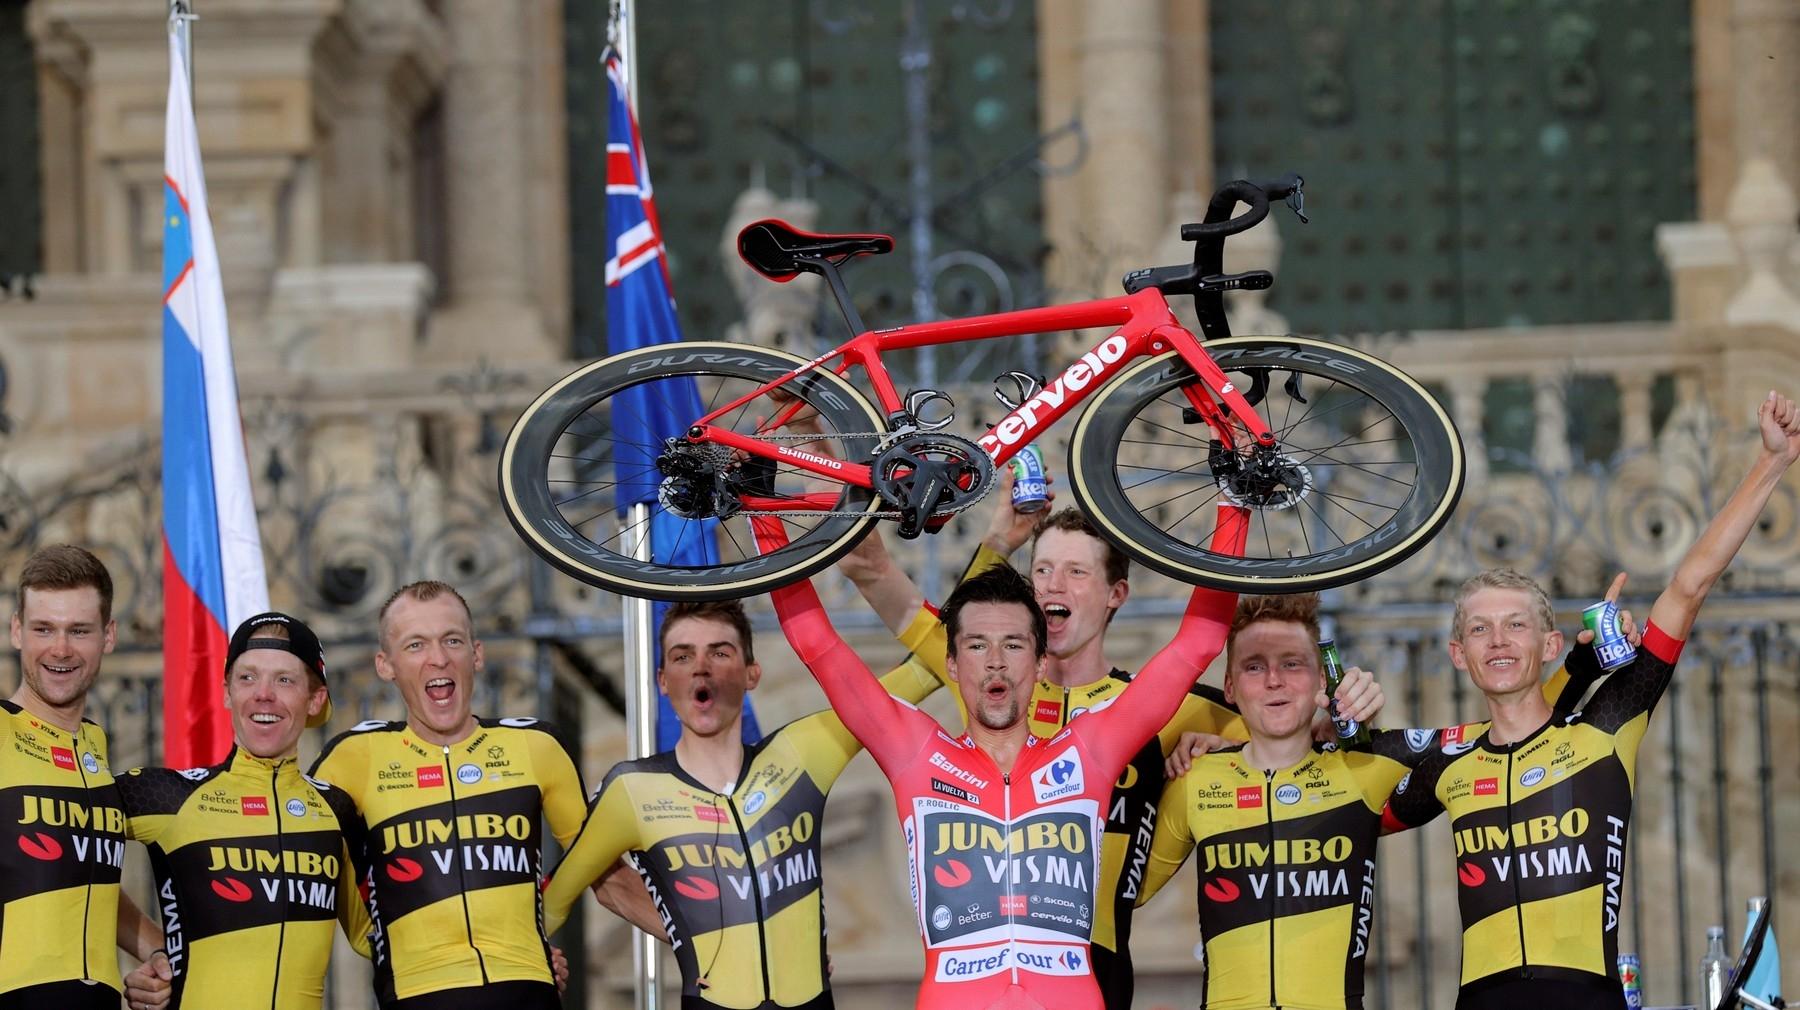 Primož Roglič a družina jeho domestiků po triumfu v závodě Vuelta 2021.